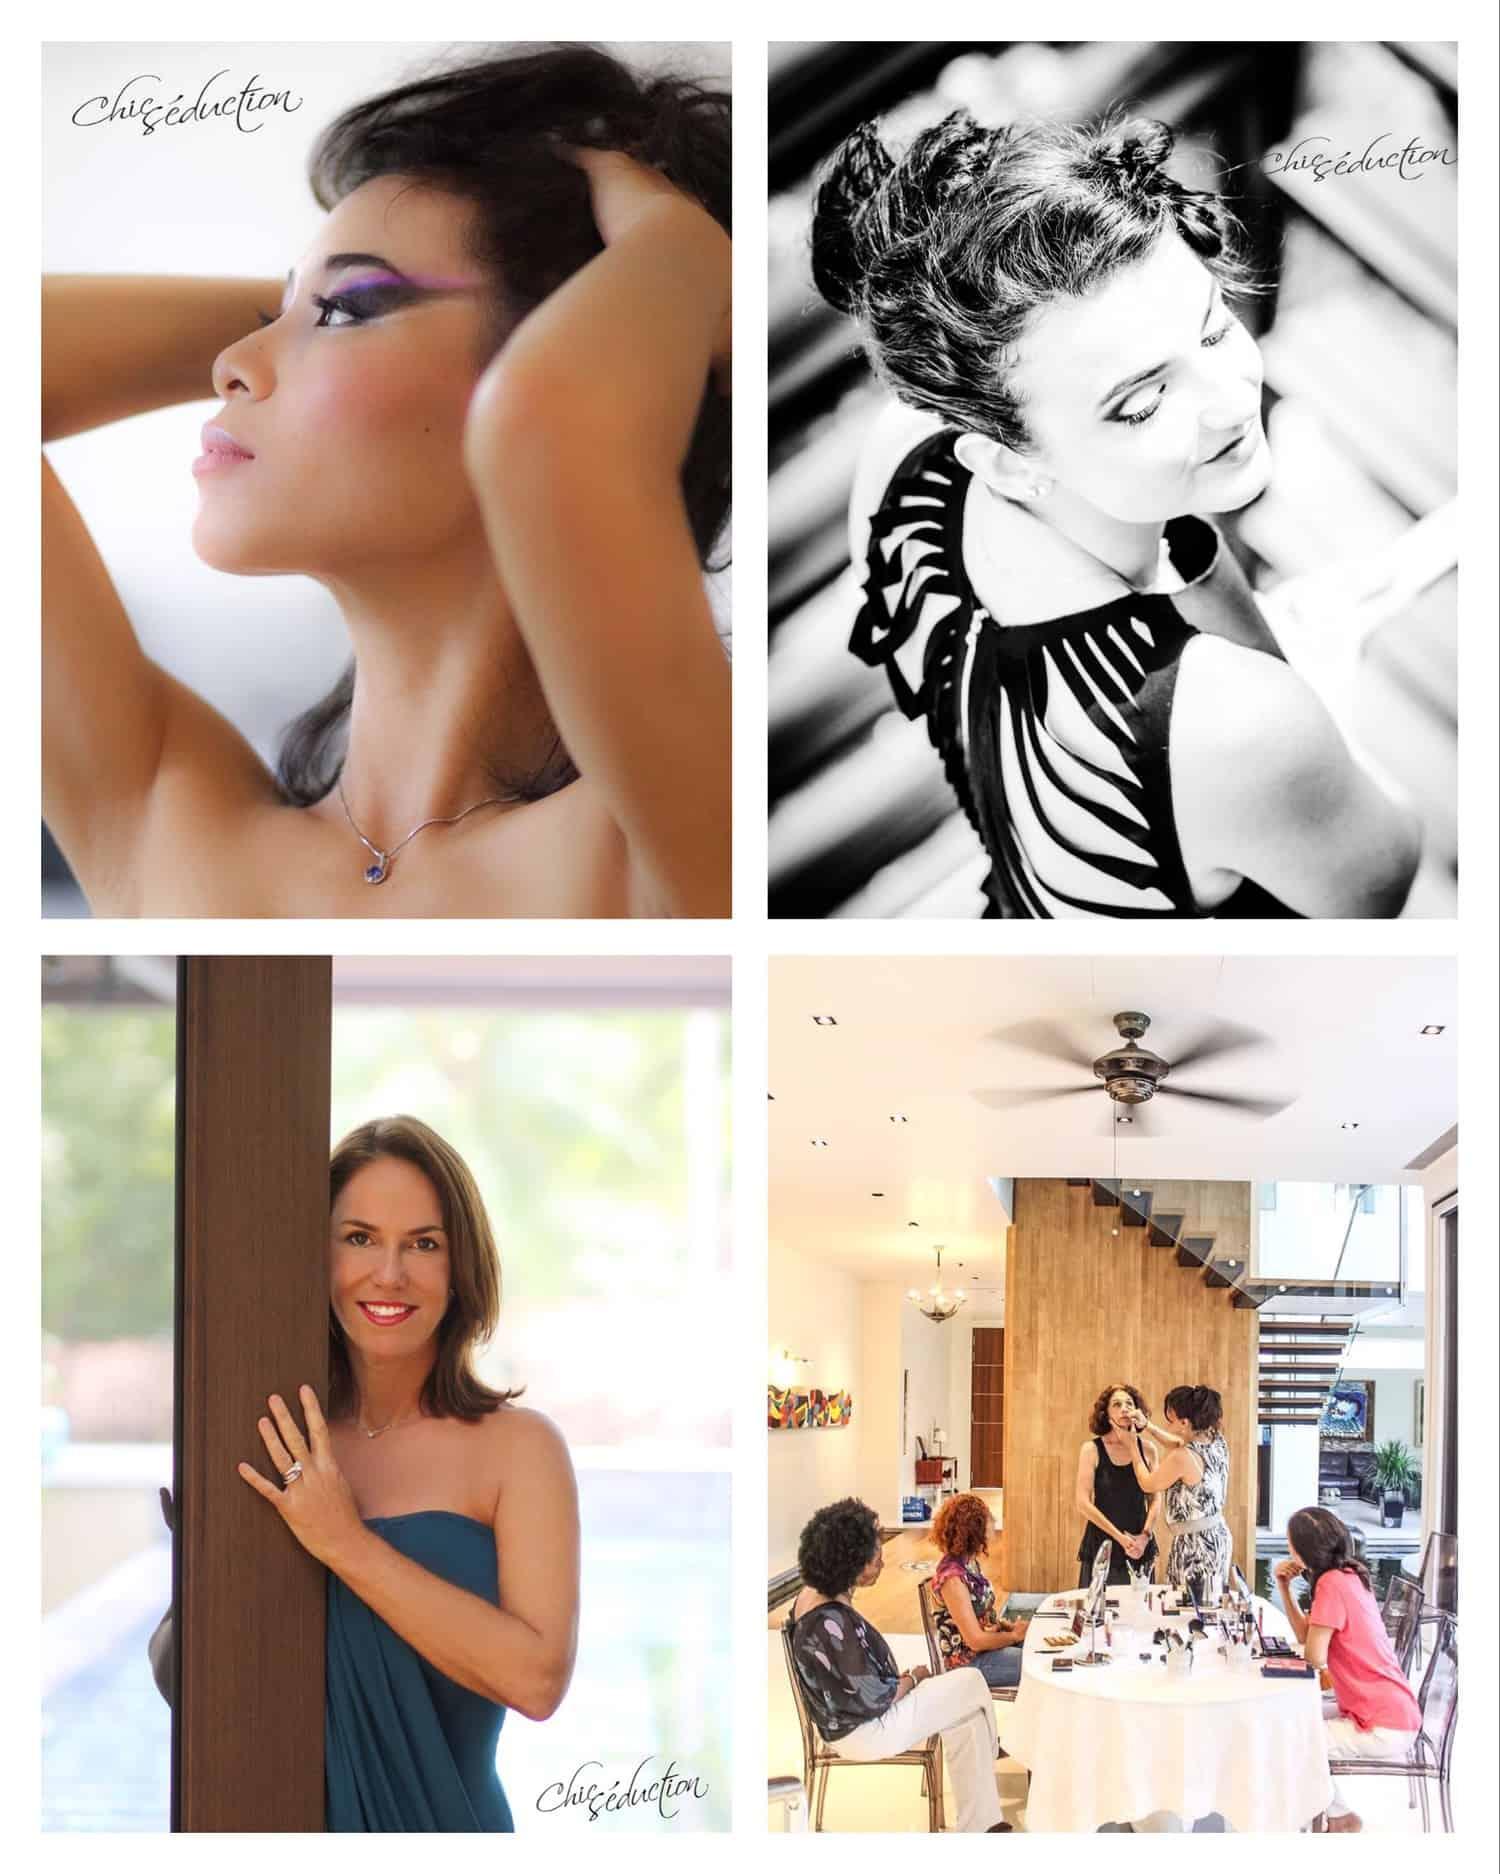 image-Chic Séduction – Studio de Maquillage et de Photographie